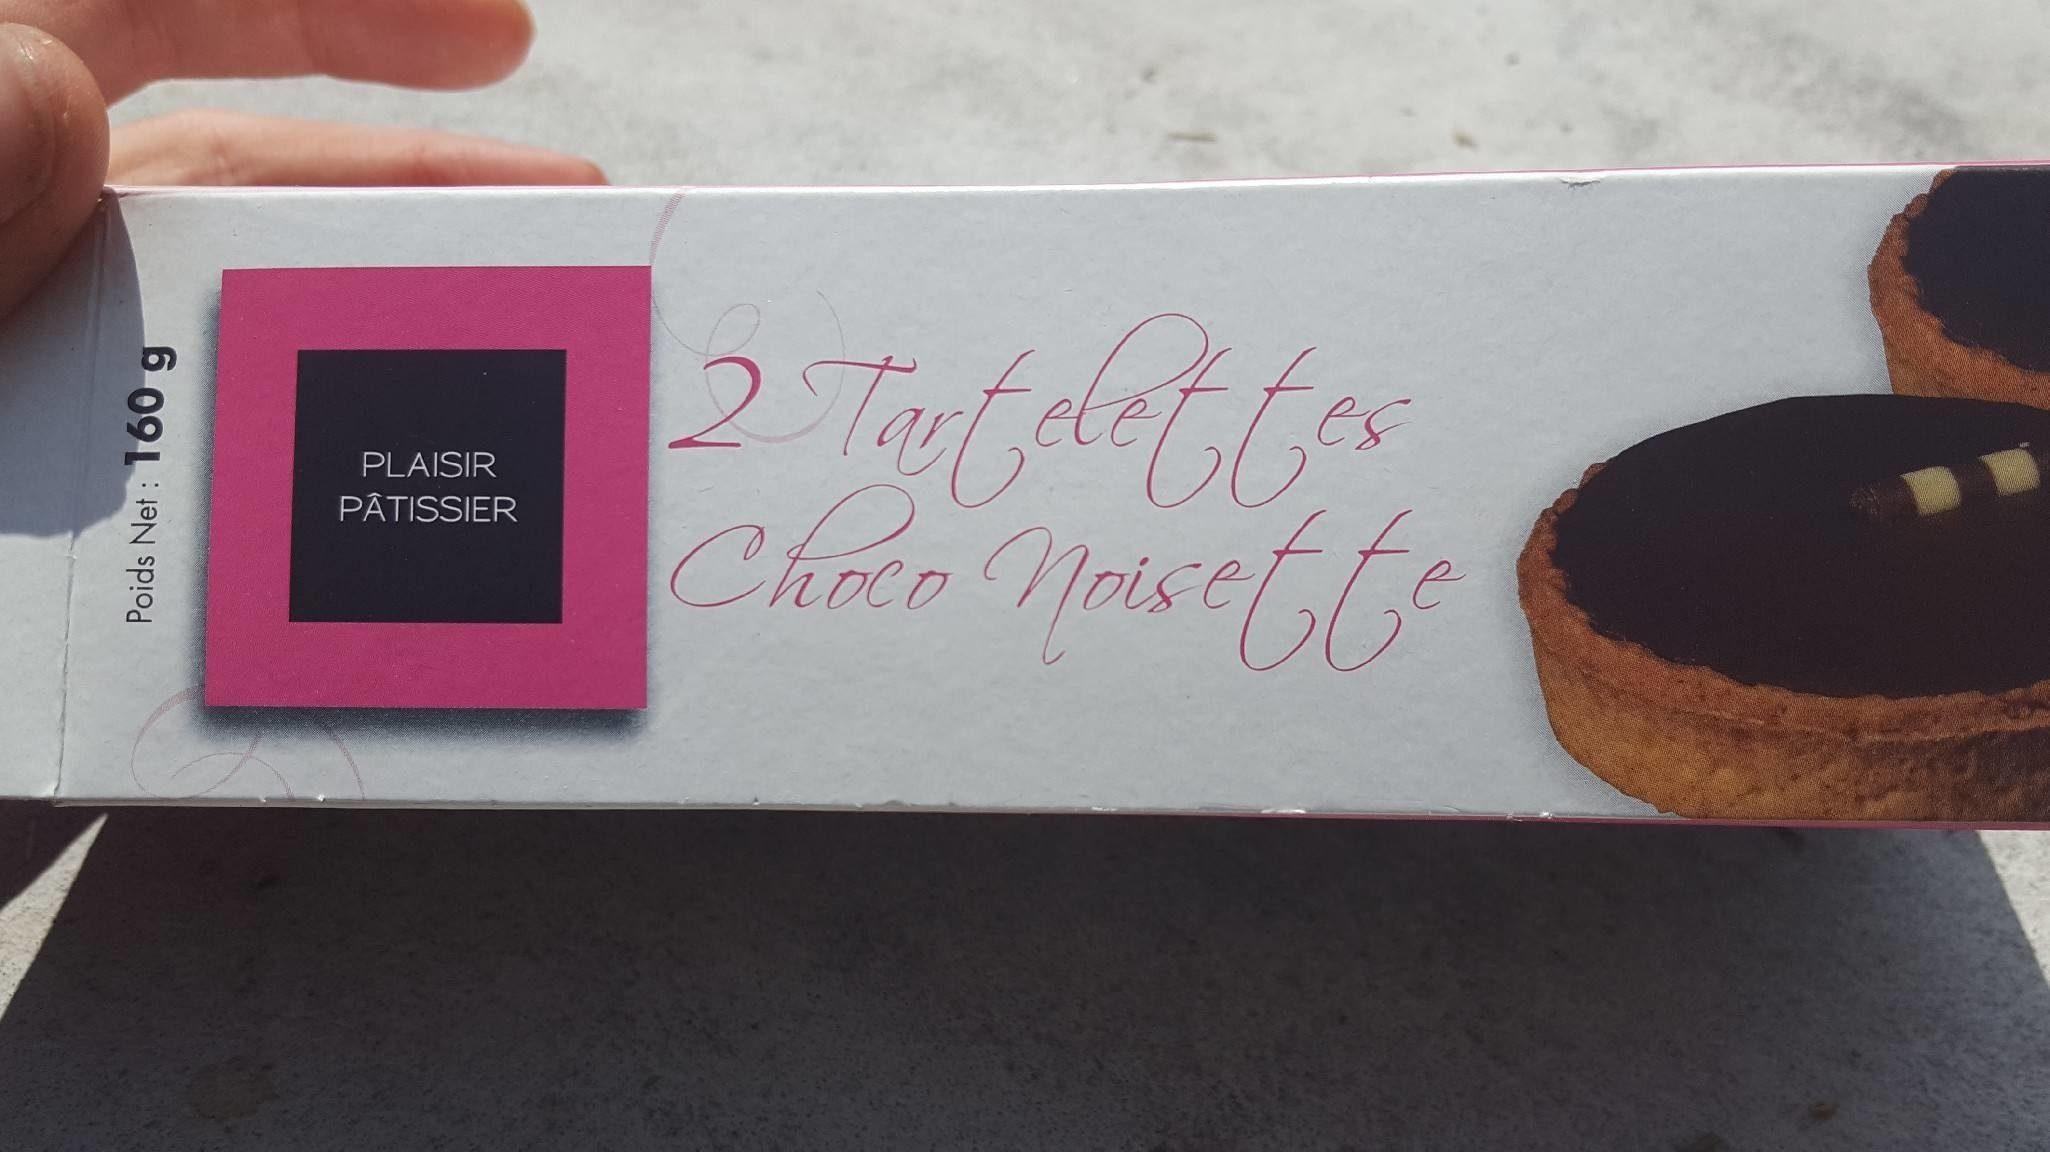 Tartelettes choco noisette - Produit - fr